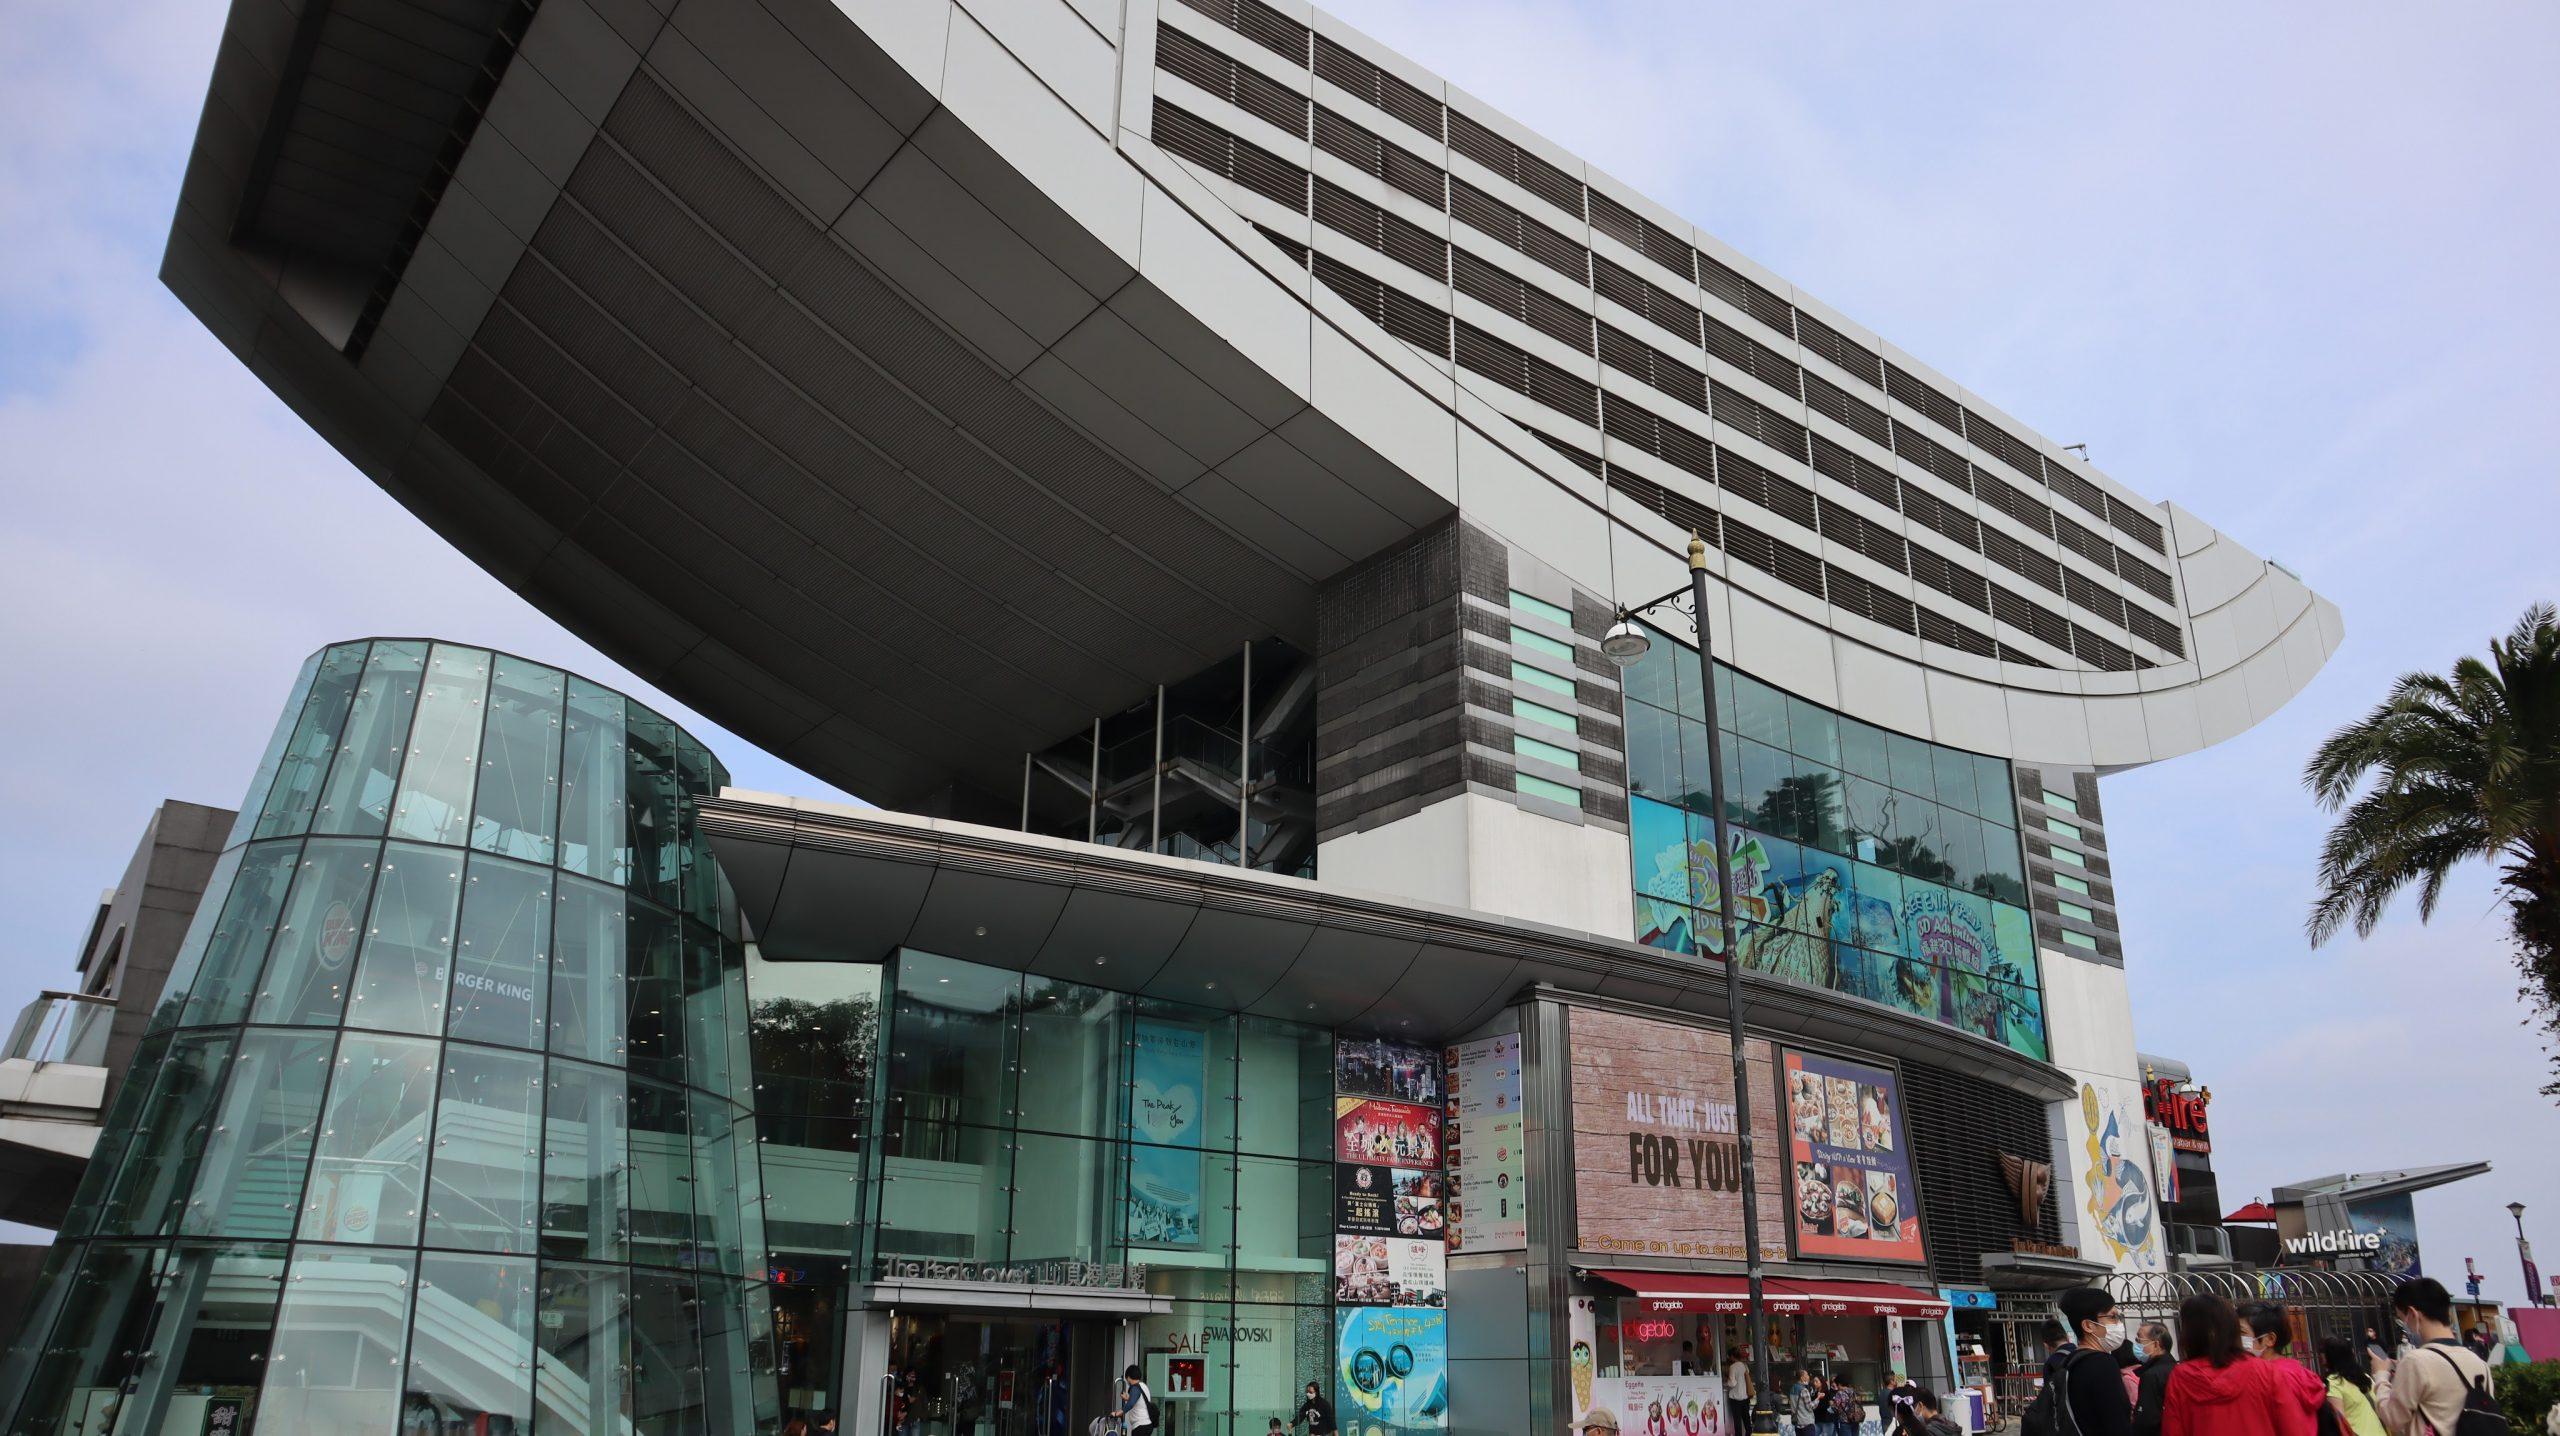 [香港] 凌霄閣摩天台428:360度觀景台無遮擋俯瞰維港